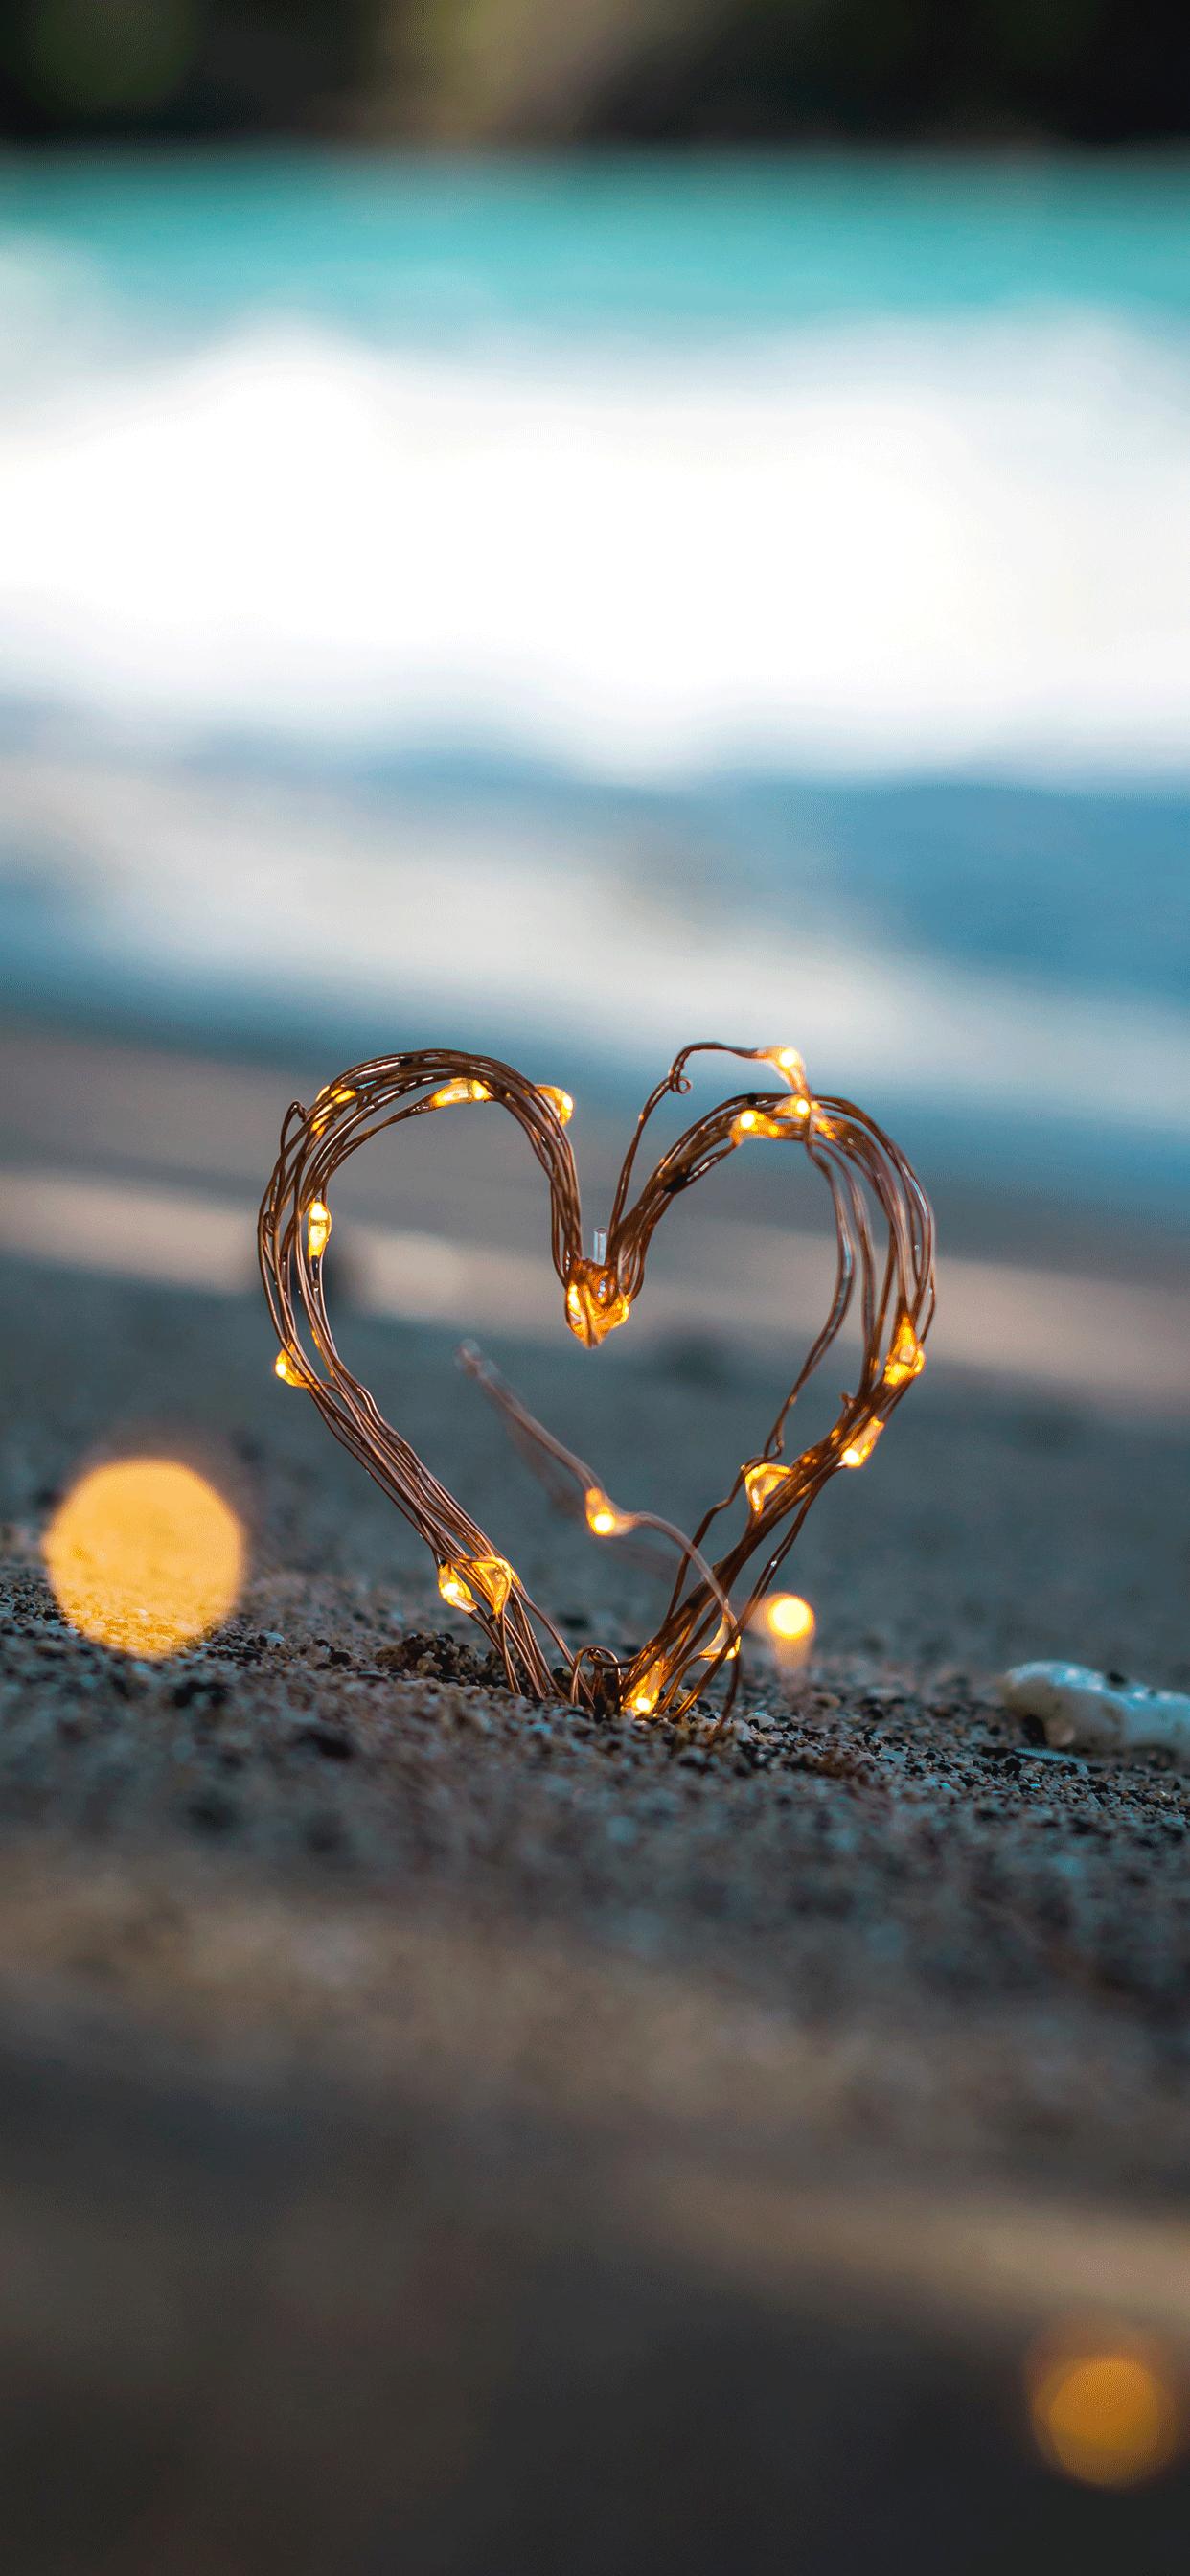 iPhone wallpaper love heart Fonds d'écran iPhone du 14/02/2019